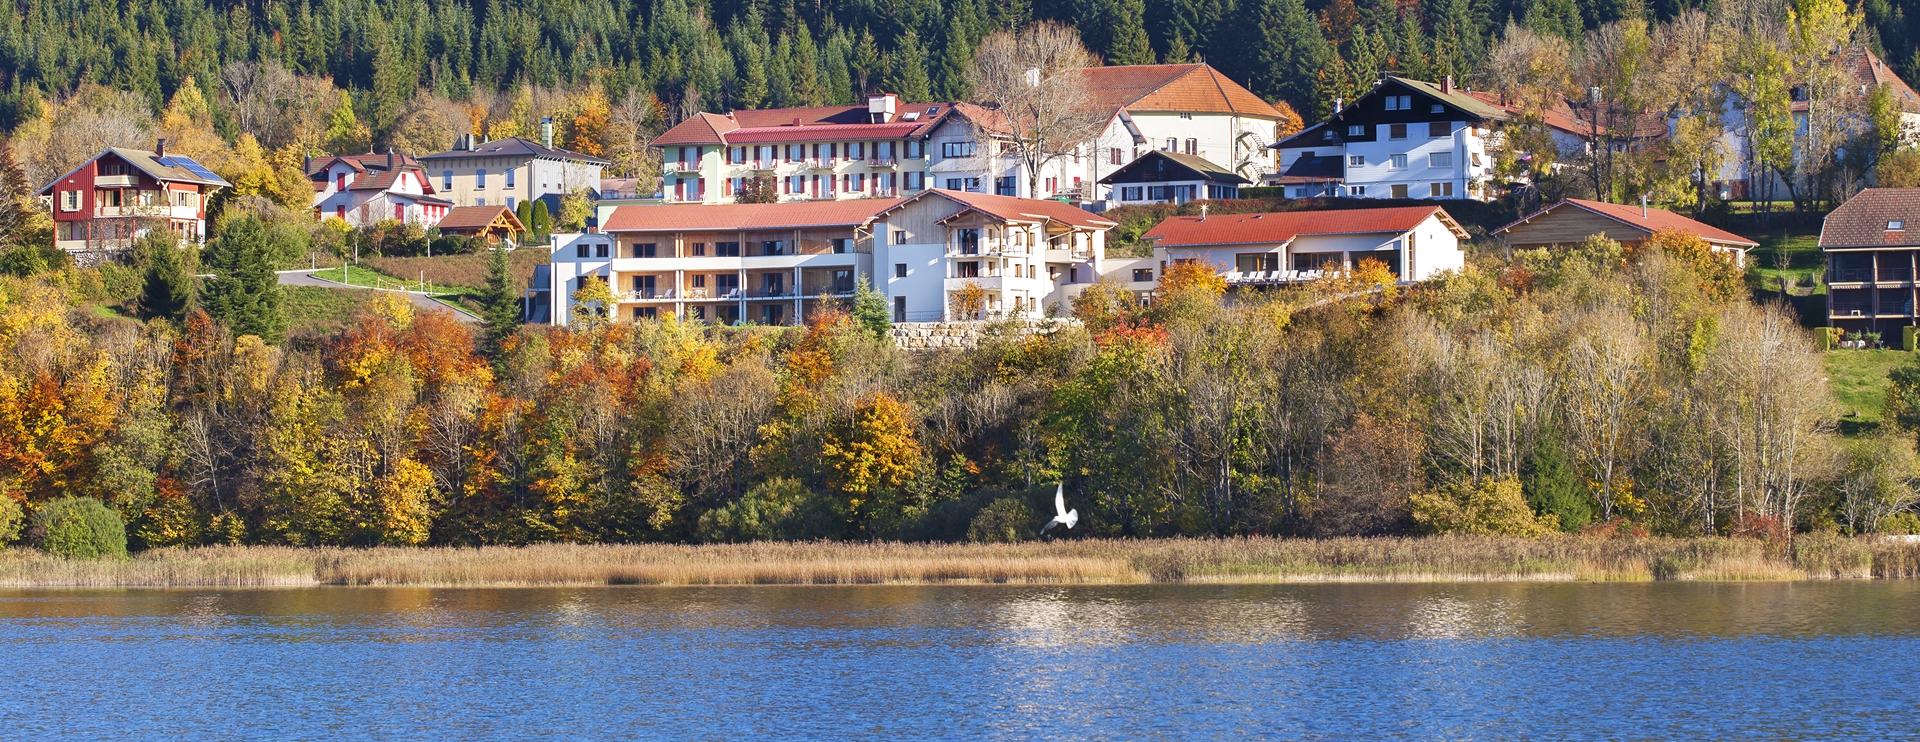 Vue de l'hôtel spa Les Rives Sauvages à Malbuisson